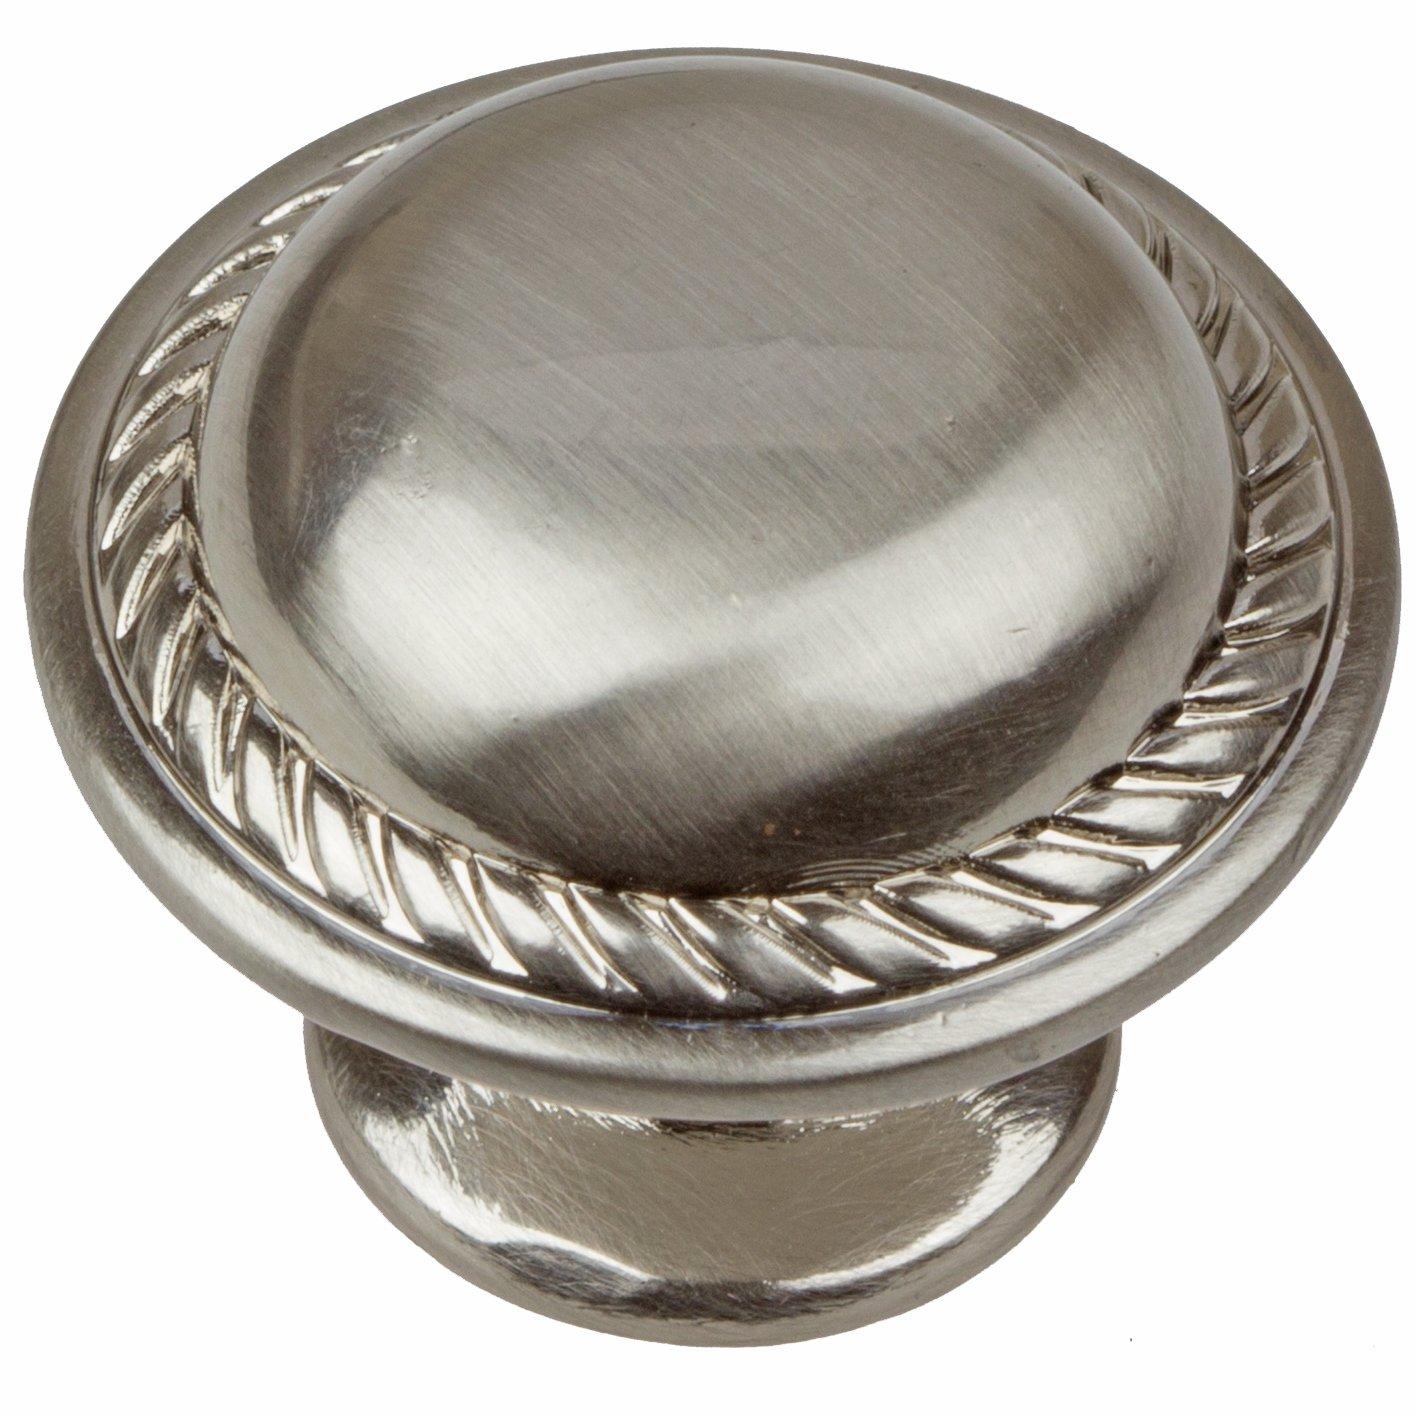 GlideRite Hardware 81784-SN-10 1.125 inch Diameter Round Rope Satin Nickel Cabinet Knobs 10 Pack